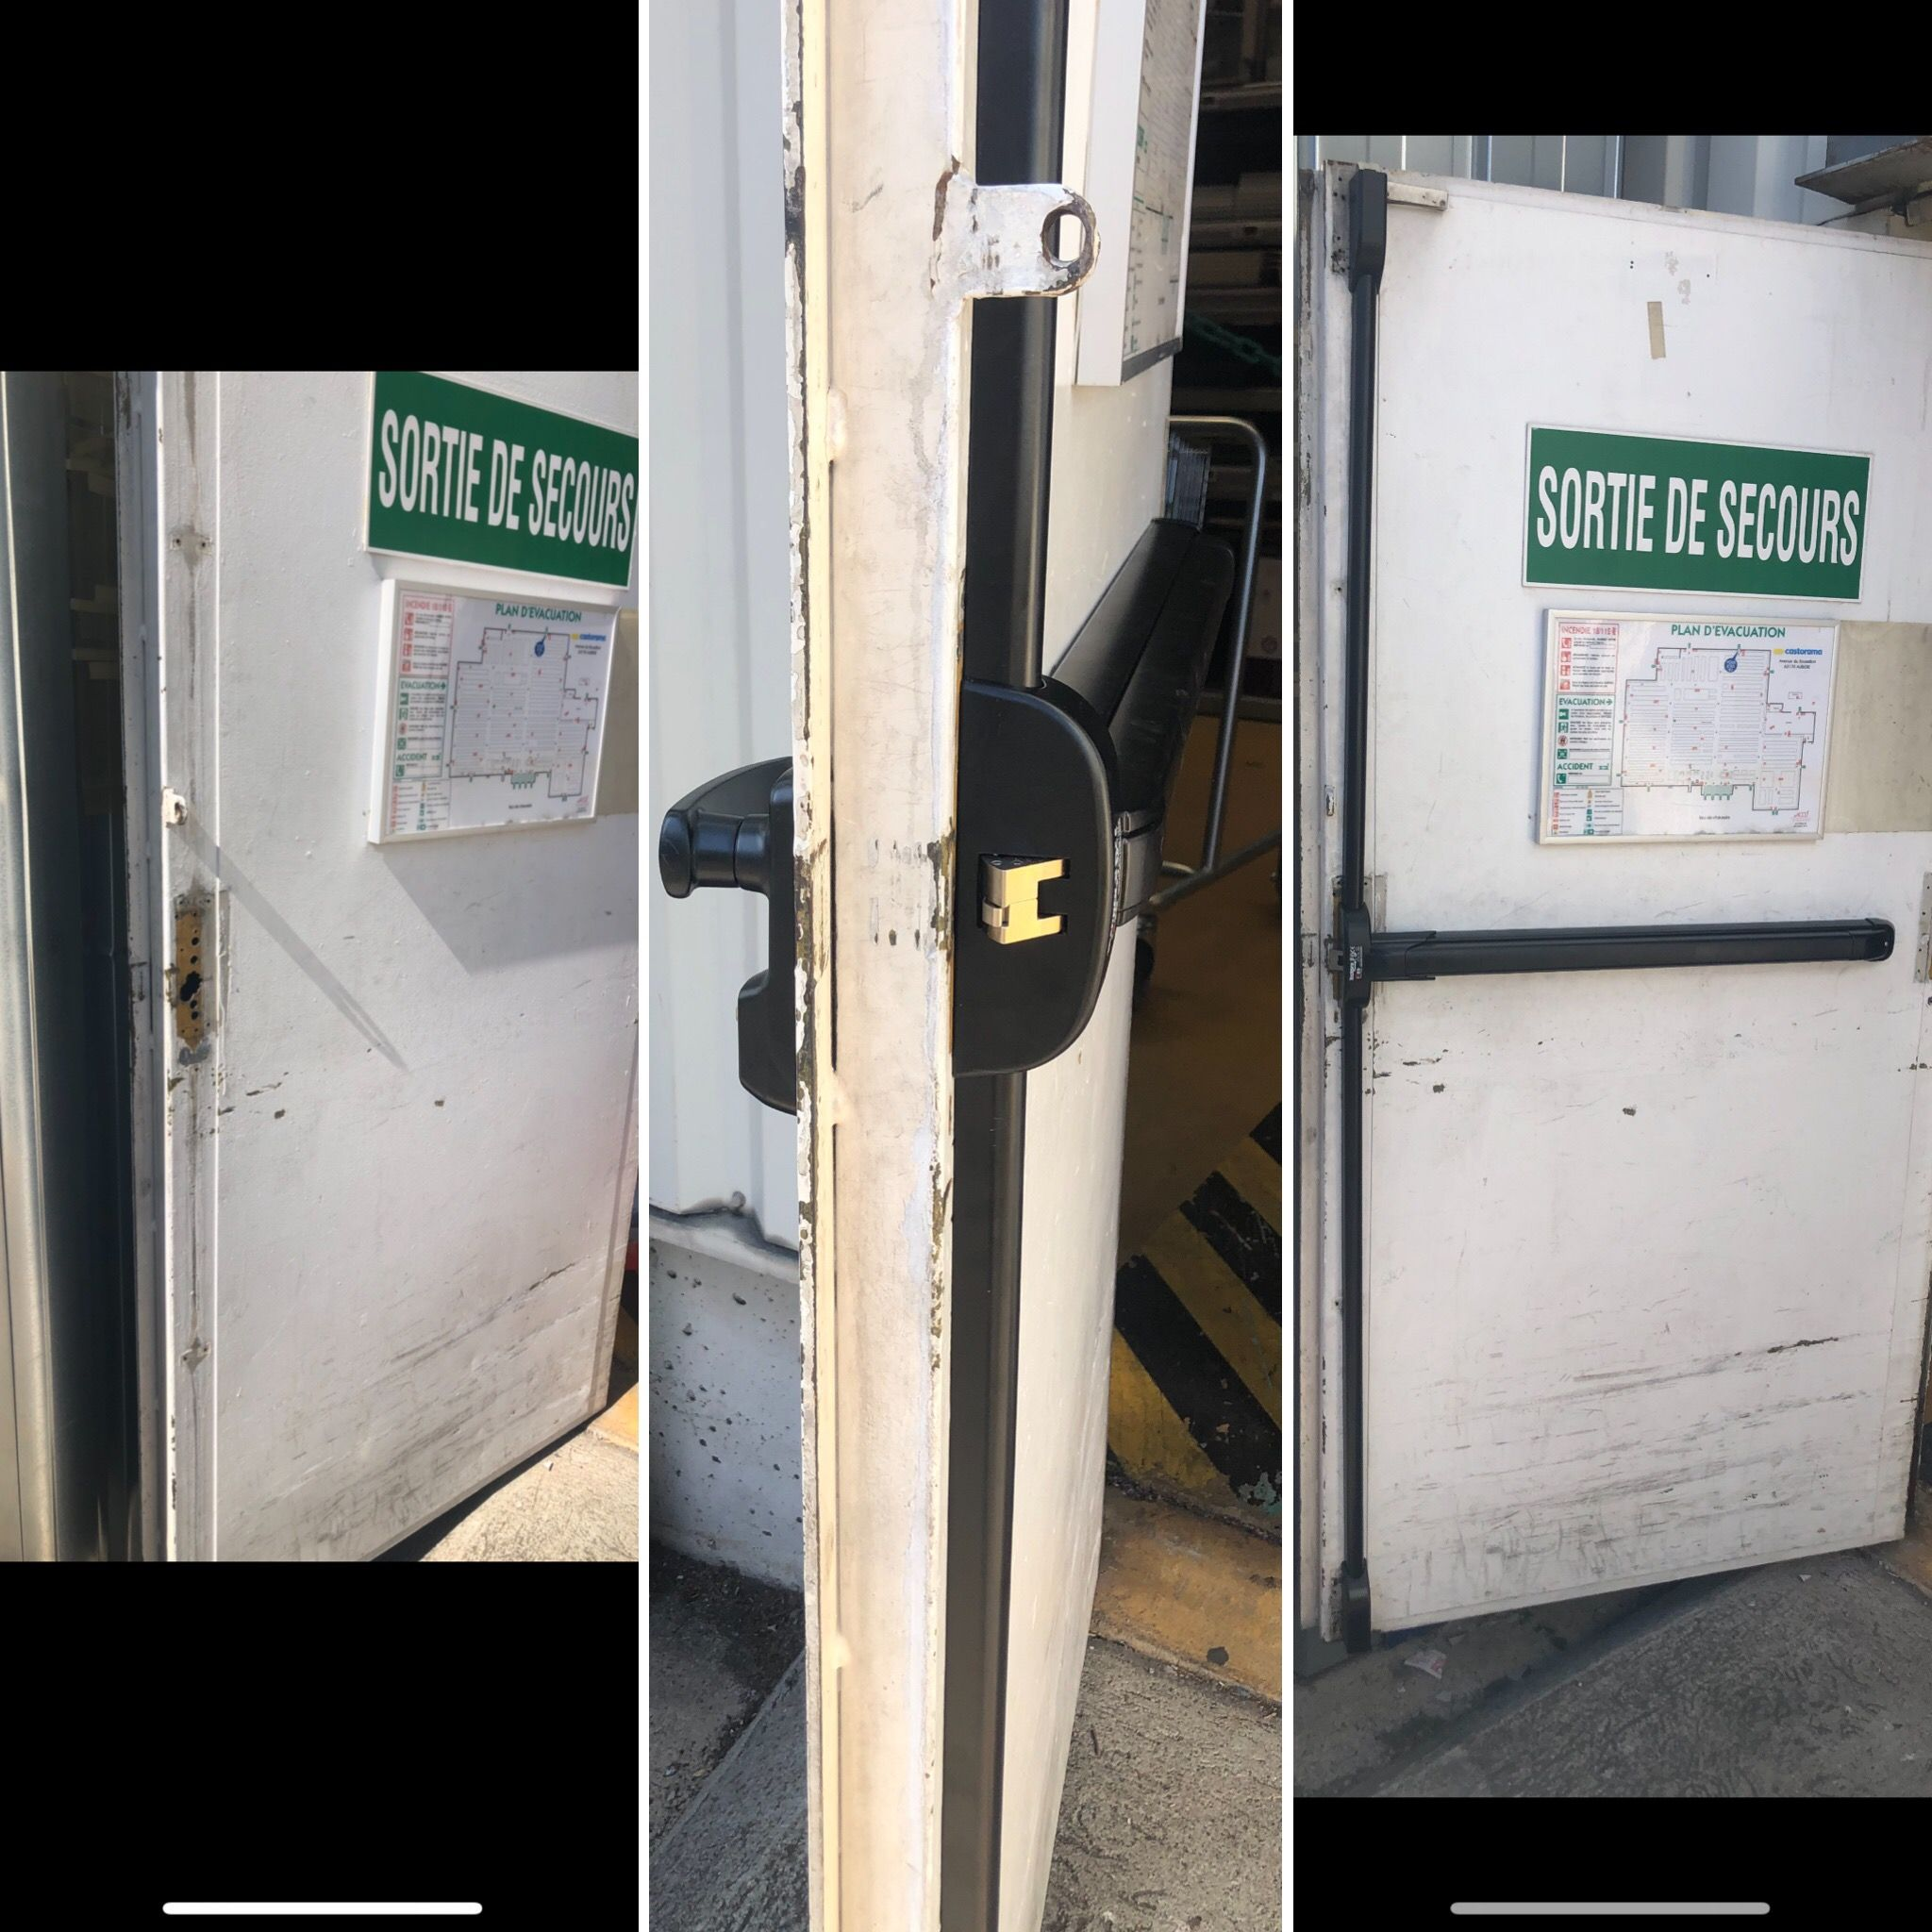 Depannage Porte De Secours Magasin Par Af Serrurerie Clermont Ferrand Urgence 63 Remplacement Barre Anti Pani Porte De Secours Porte De Chambre Portes De Cave